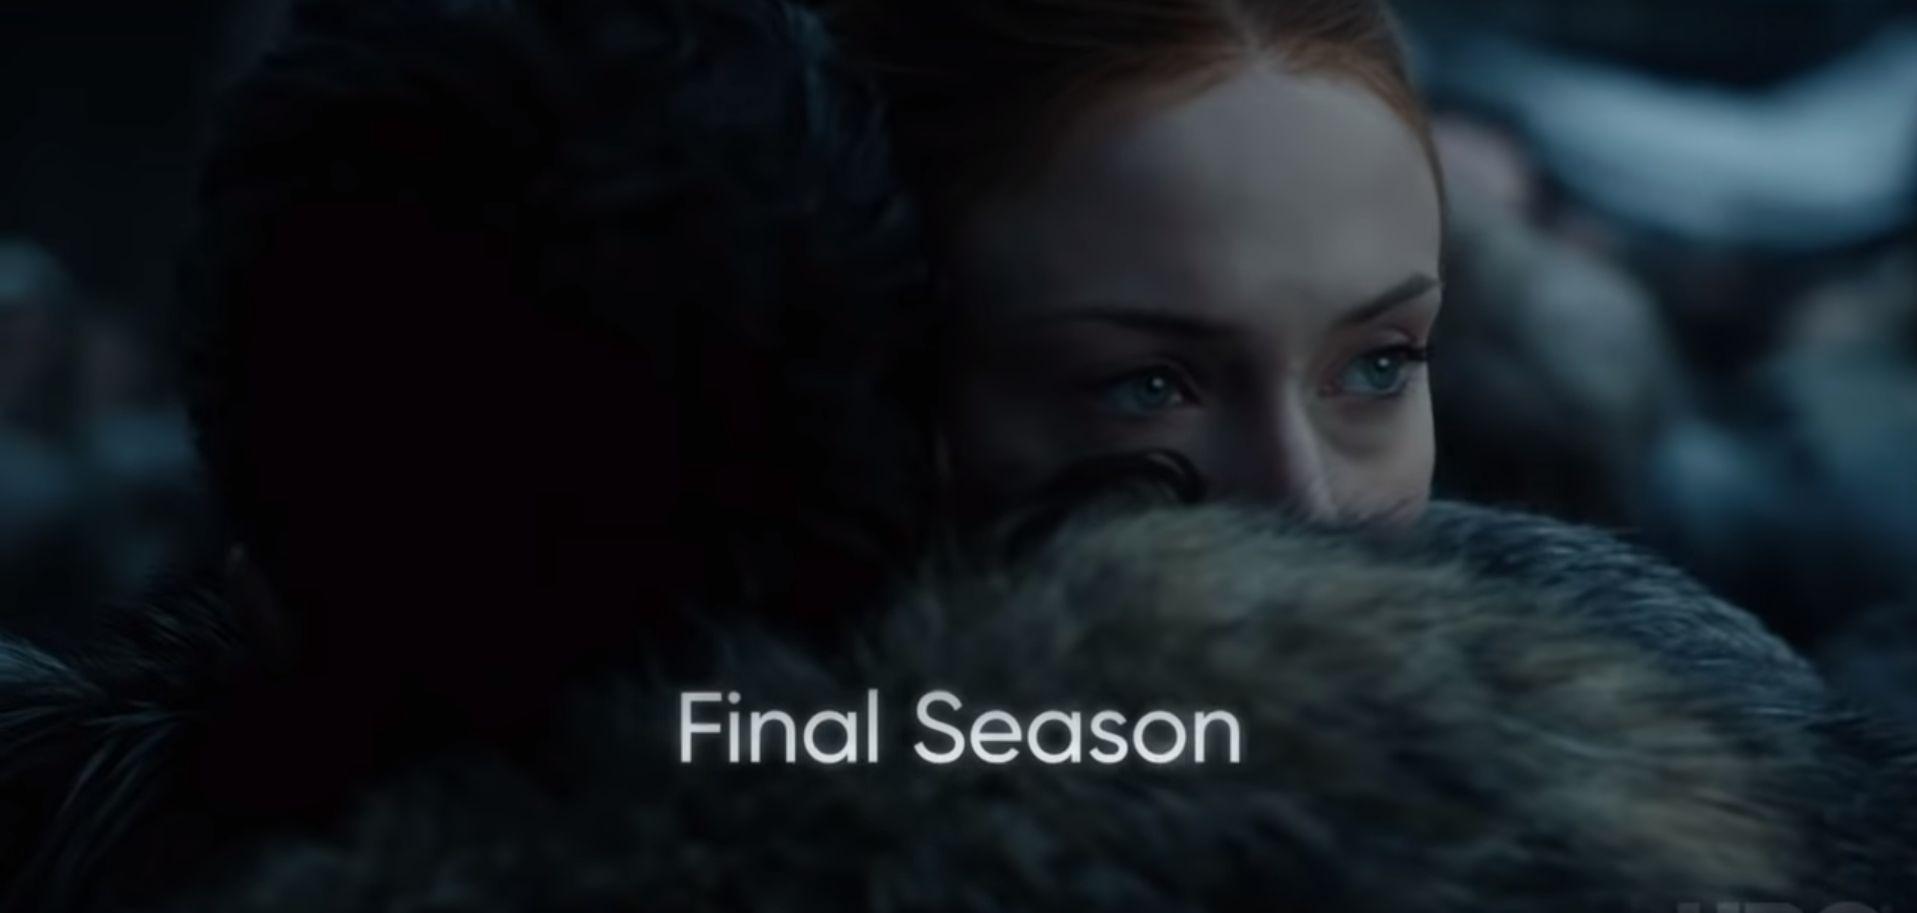 '왕좌의 게임' 마지막 시즌에 대한 힌트가